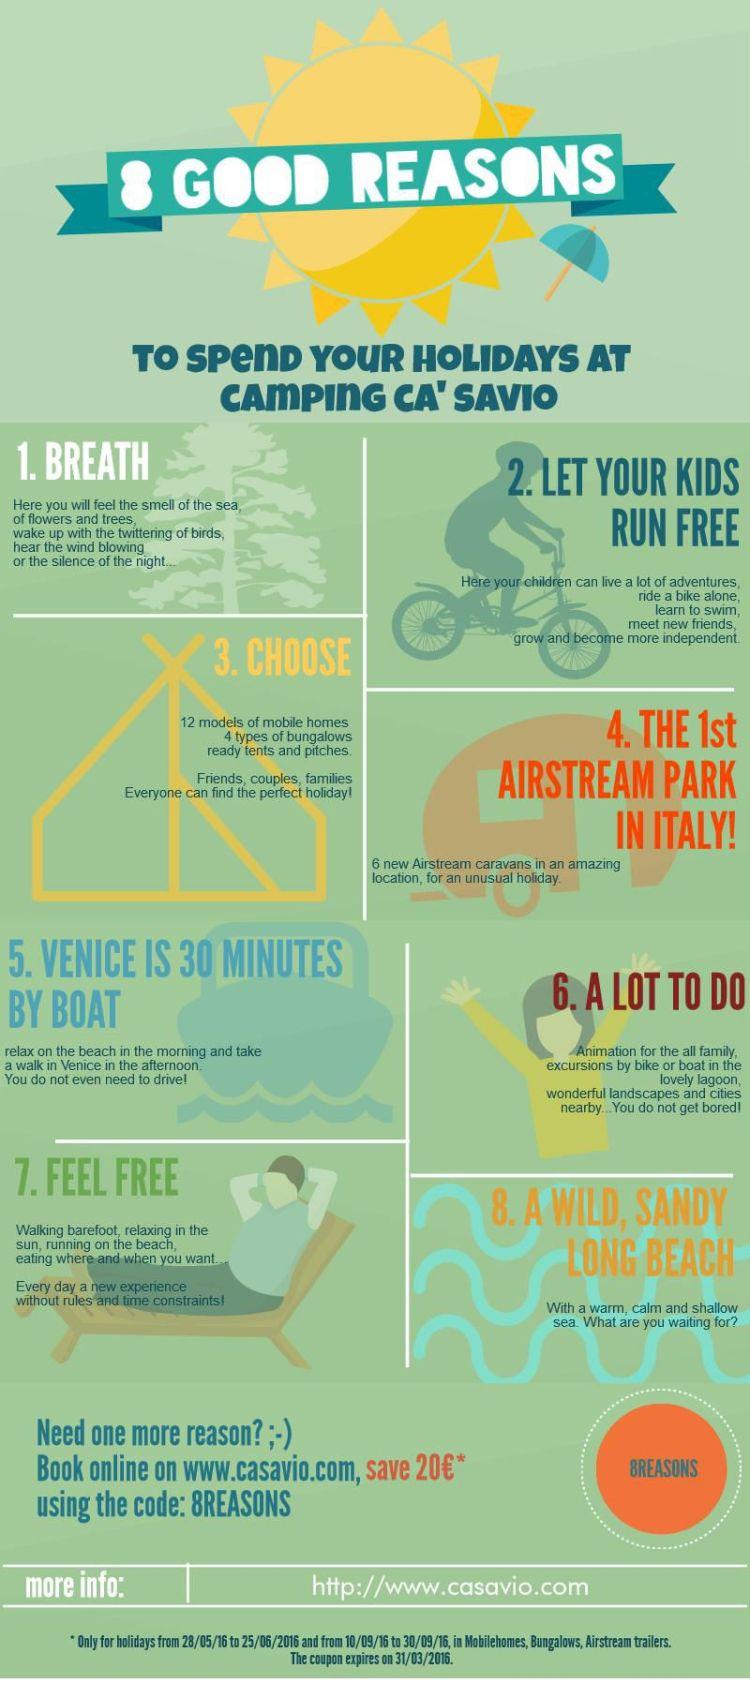 8 reasons to choose Camping Ca' Savio